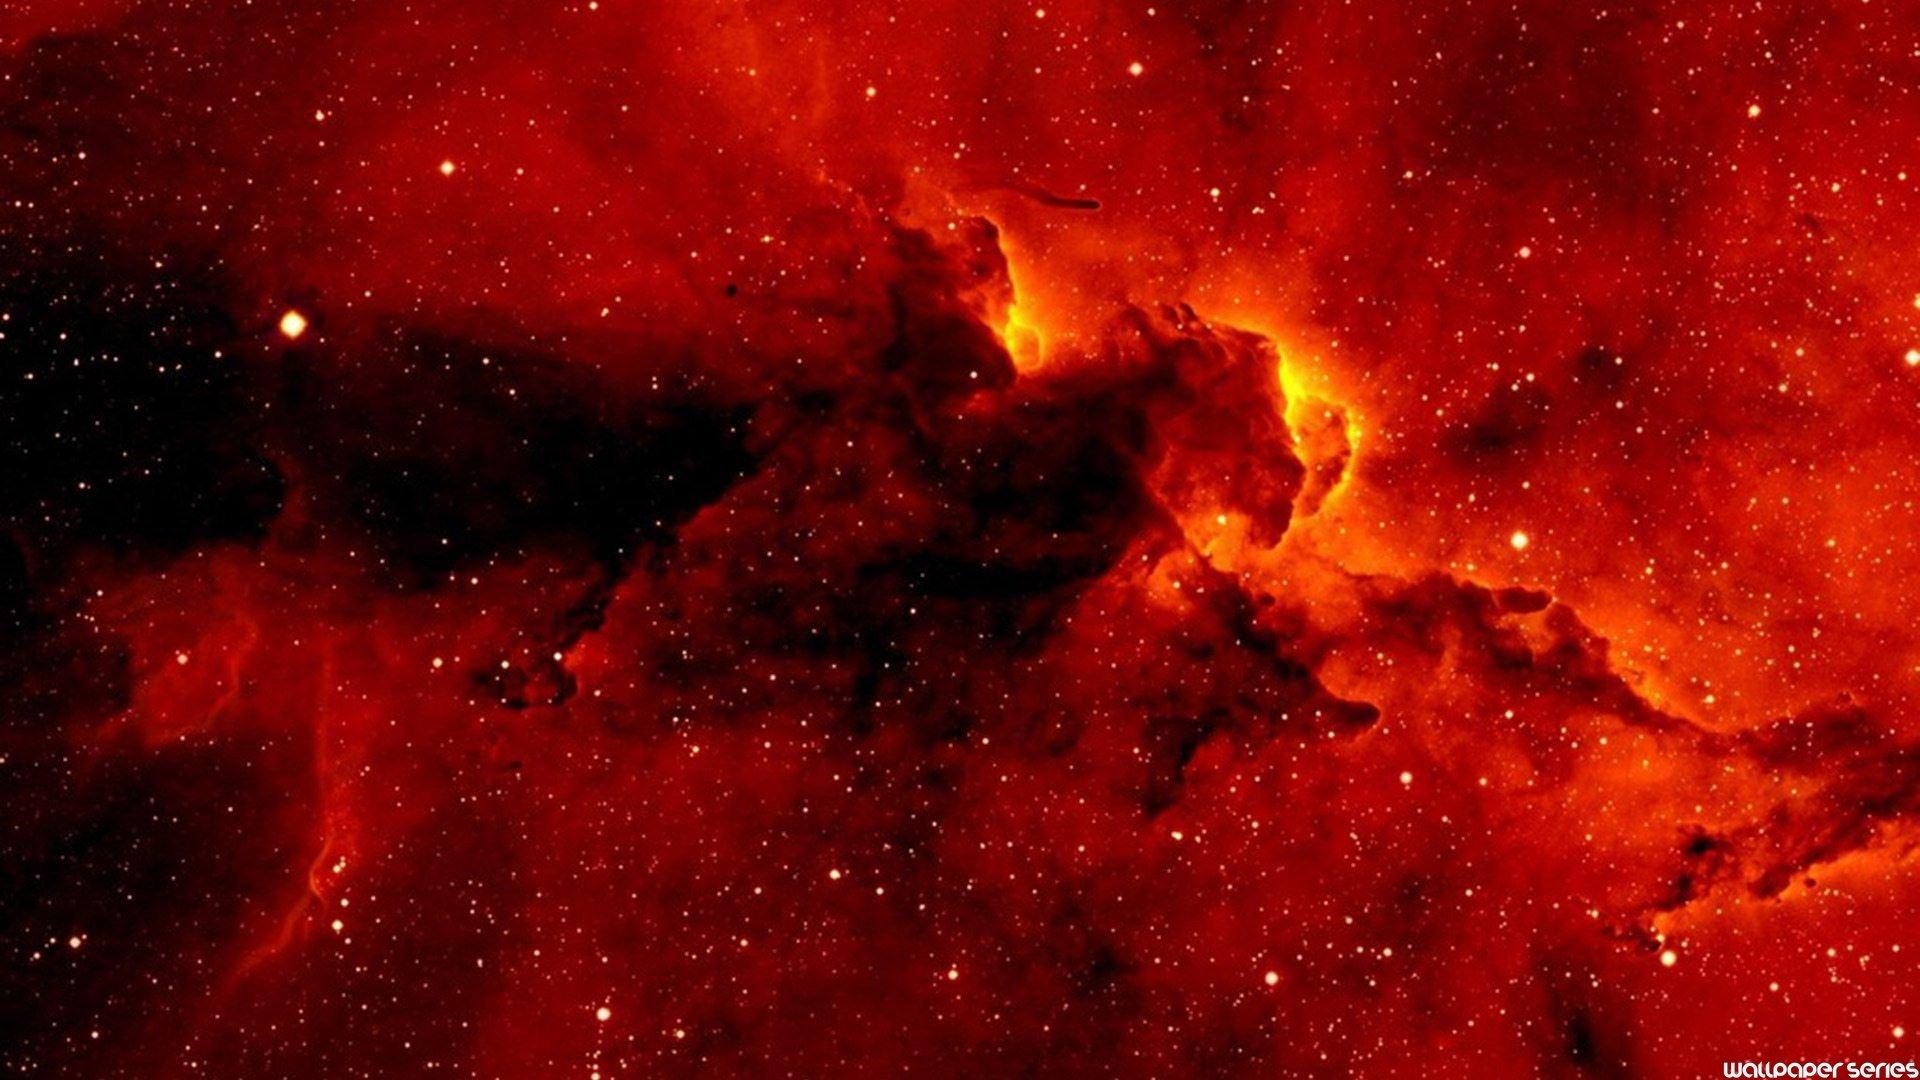 00000hd-red-nebula-free-background